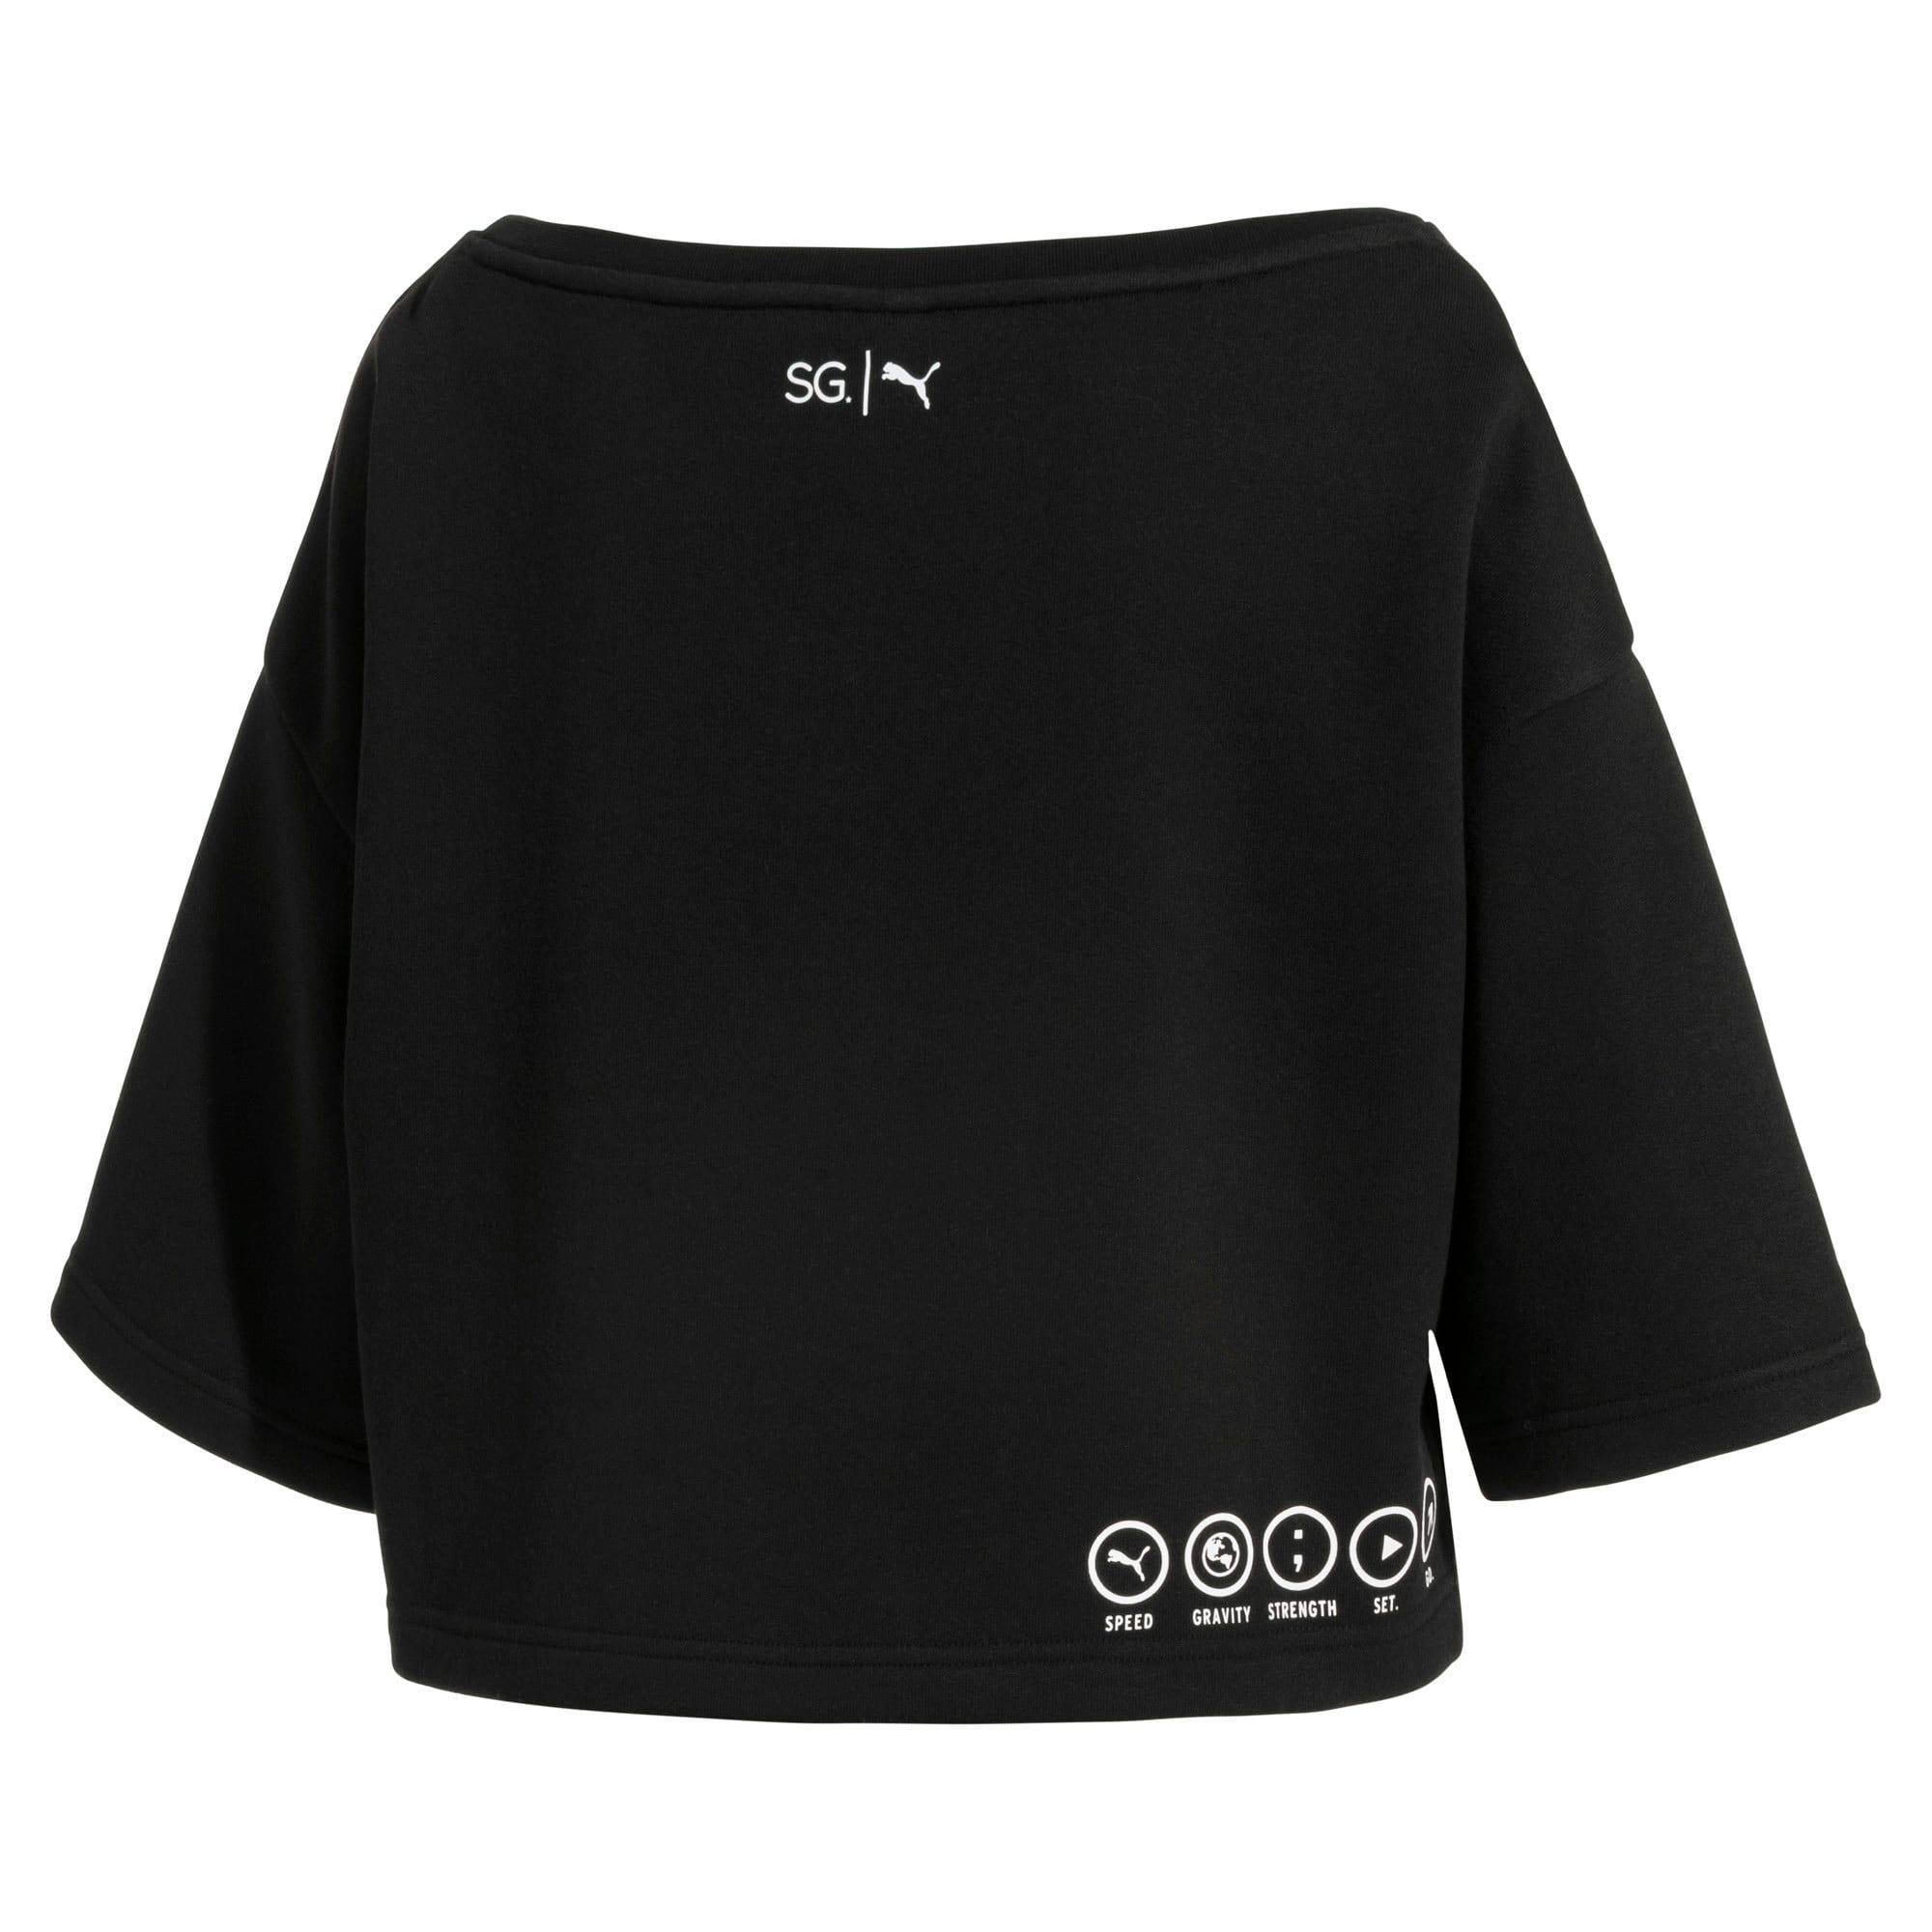 Thumbnail 5 of SG x PUMA Sweatshirt, Puma Black, medium